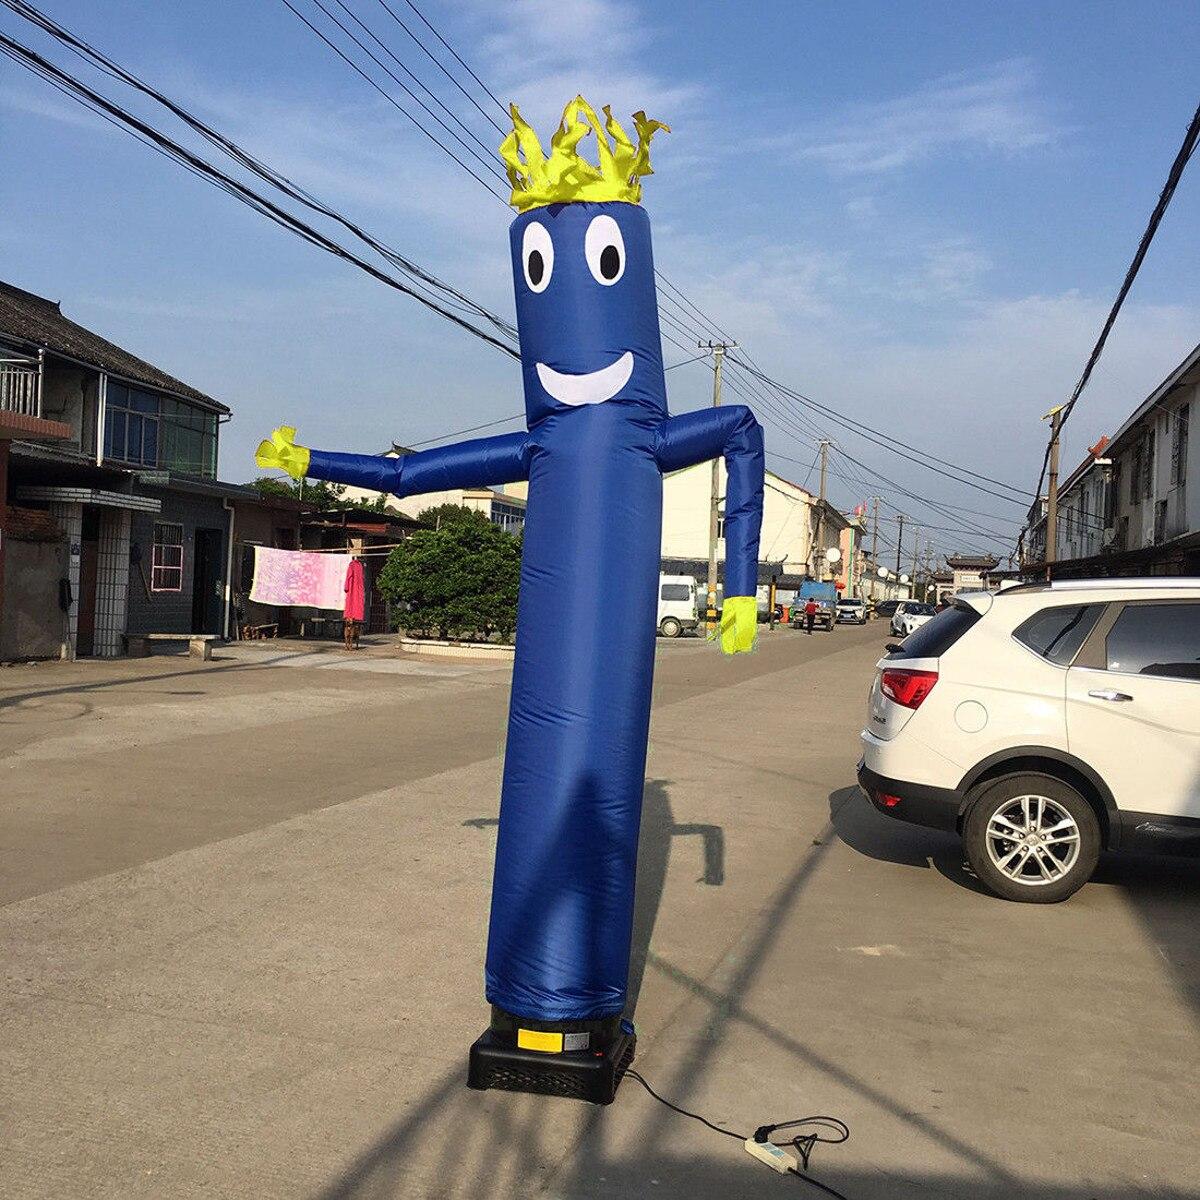 20ft/6 m Vent Danseur Tube Dessin Animé Homme De Danse Gonflable Marionnette D'air De Ciel D'air Homme Dansant Pour publicité - 5